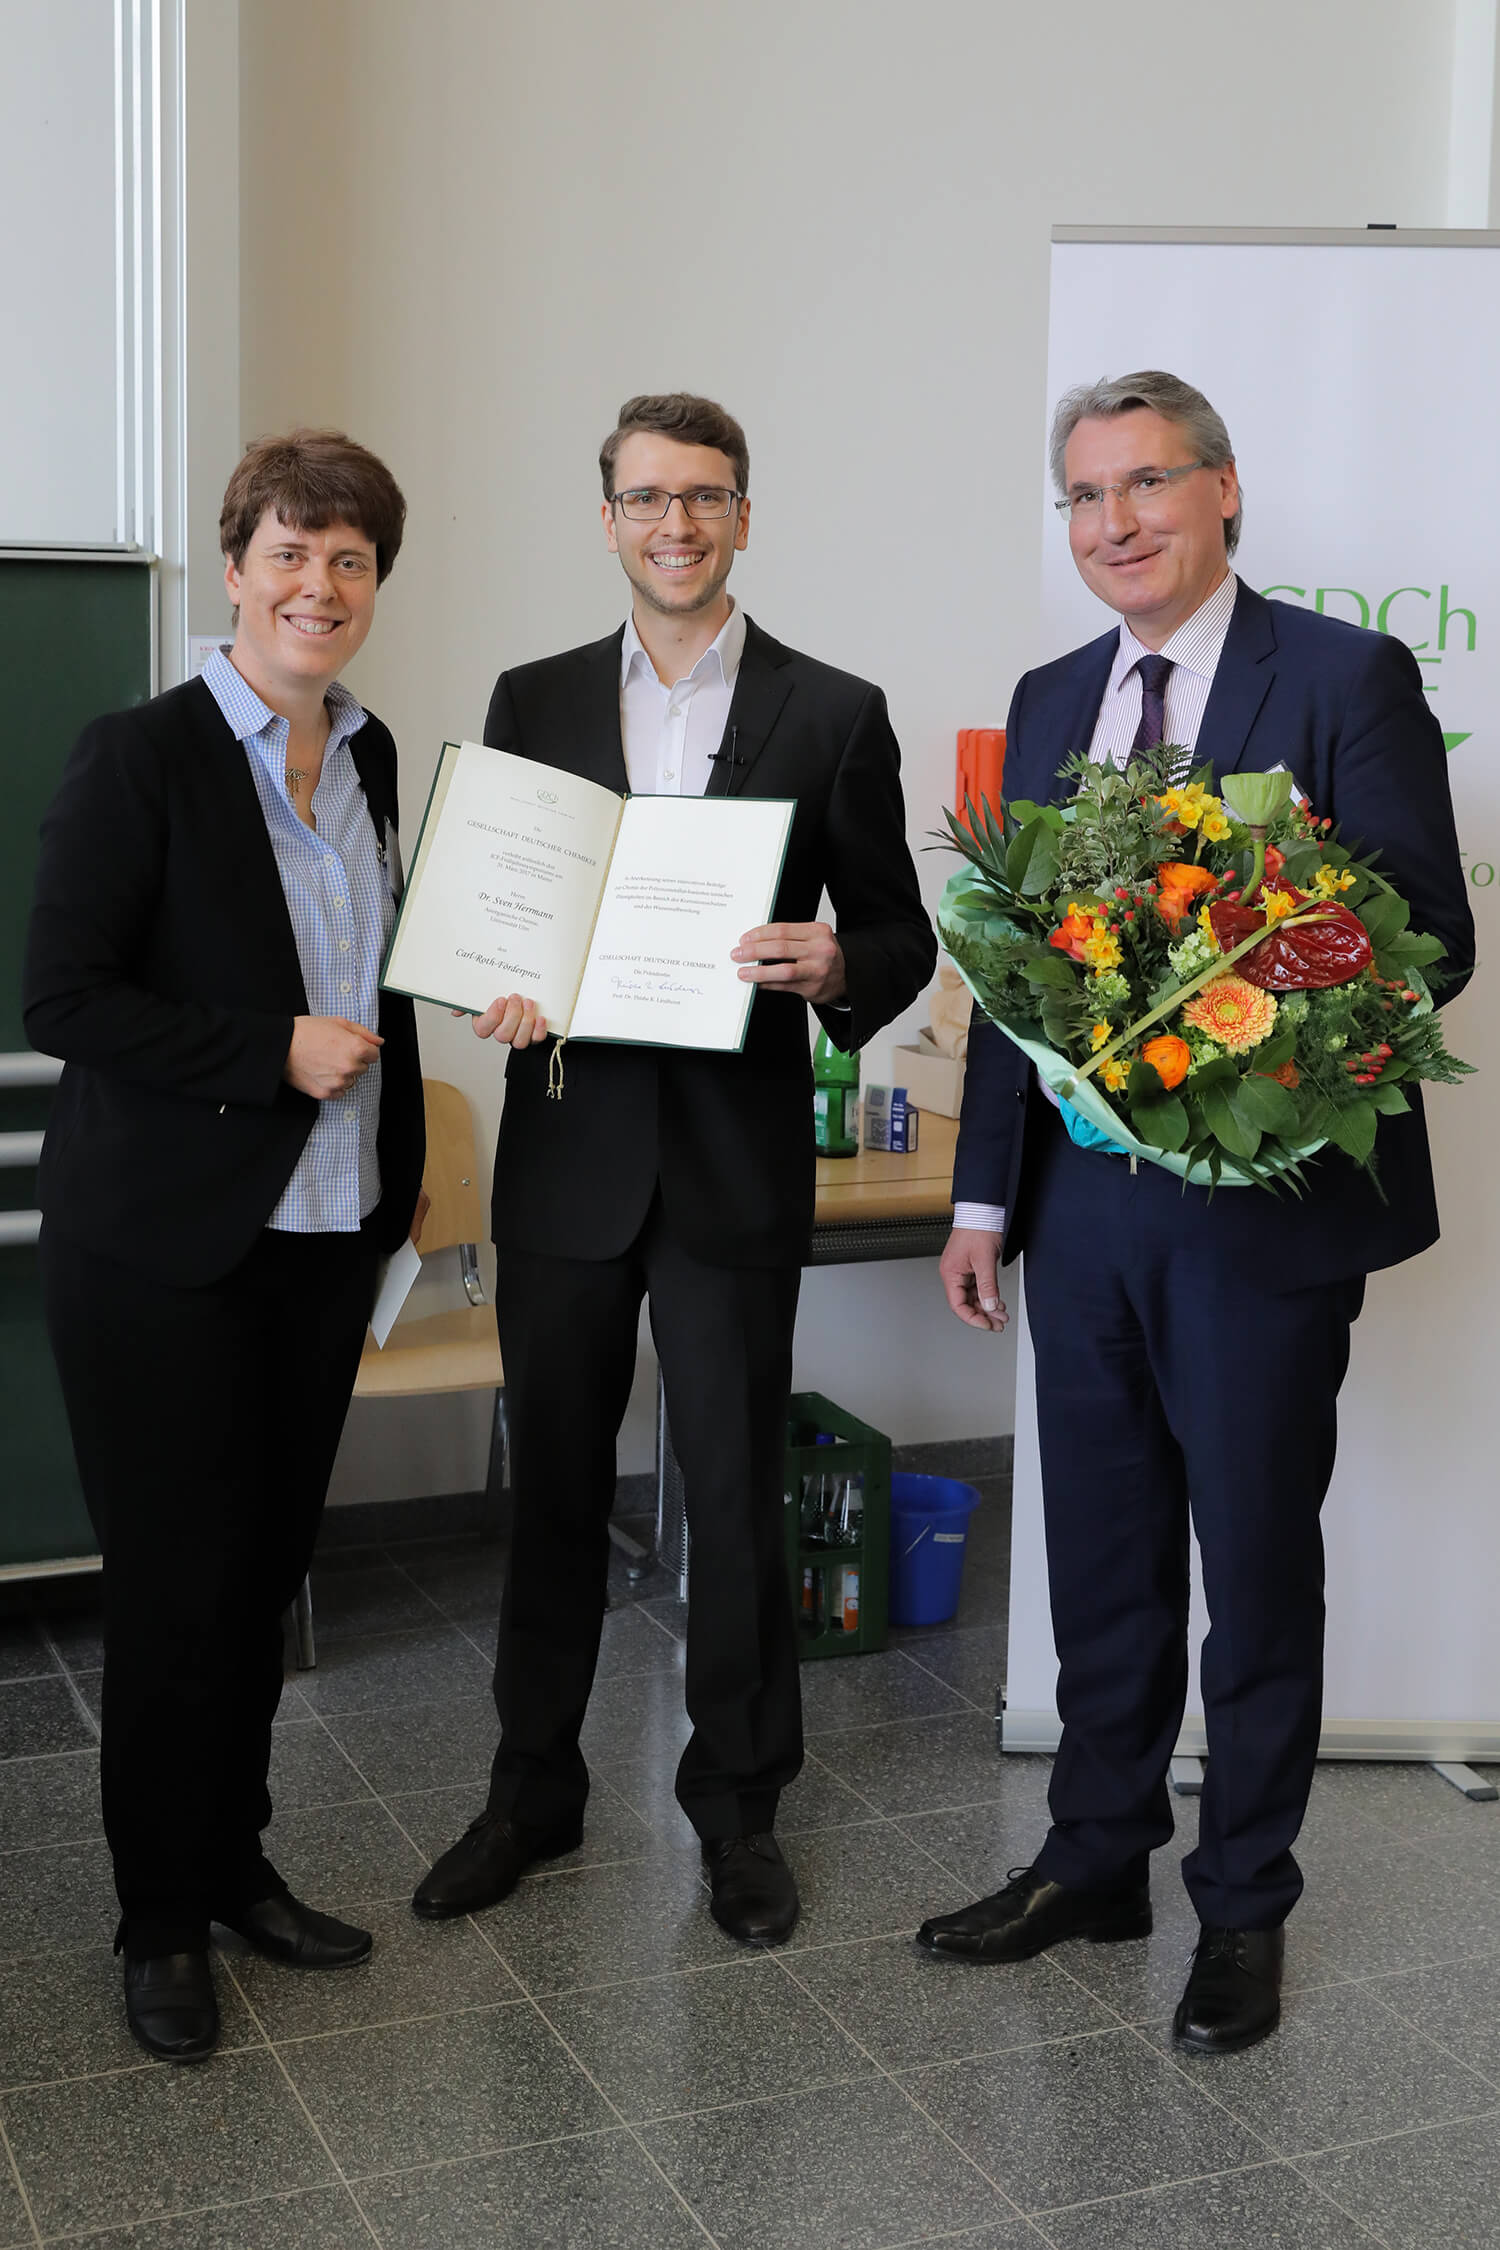 Dr-Simon-Herrmann-erhält-den-Carl-Roth-Förderpreis-2017